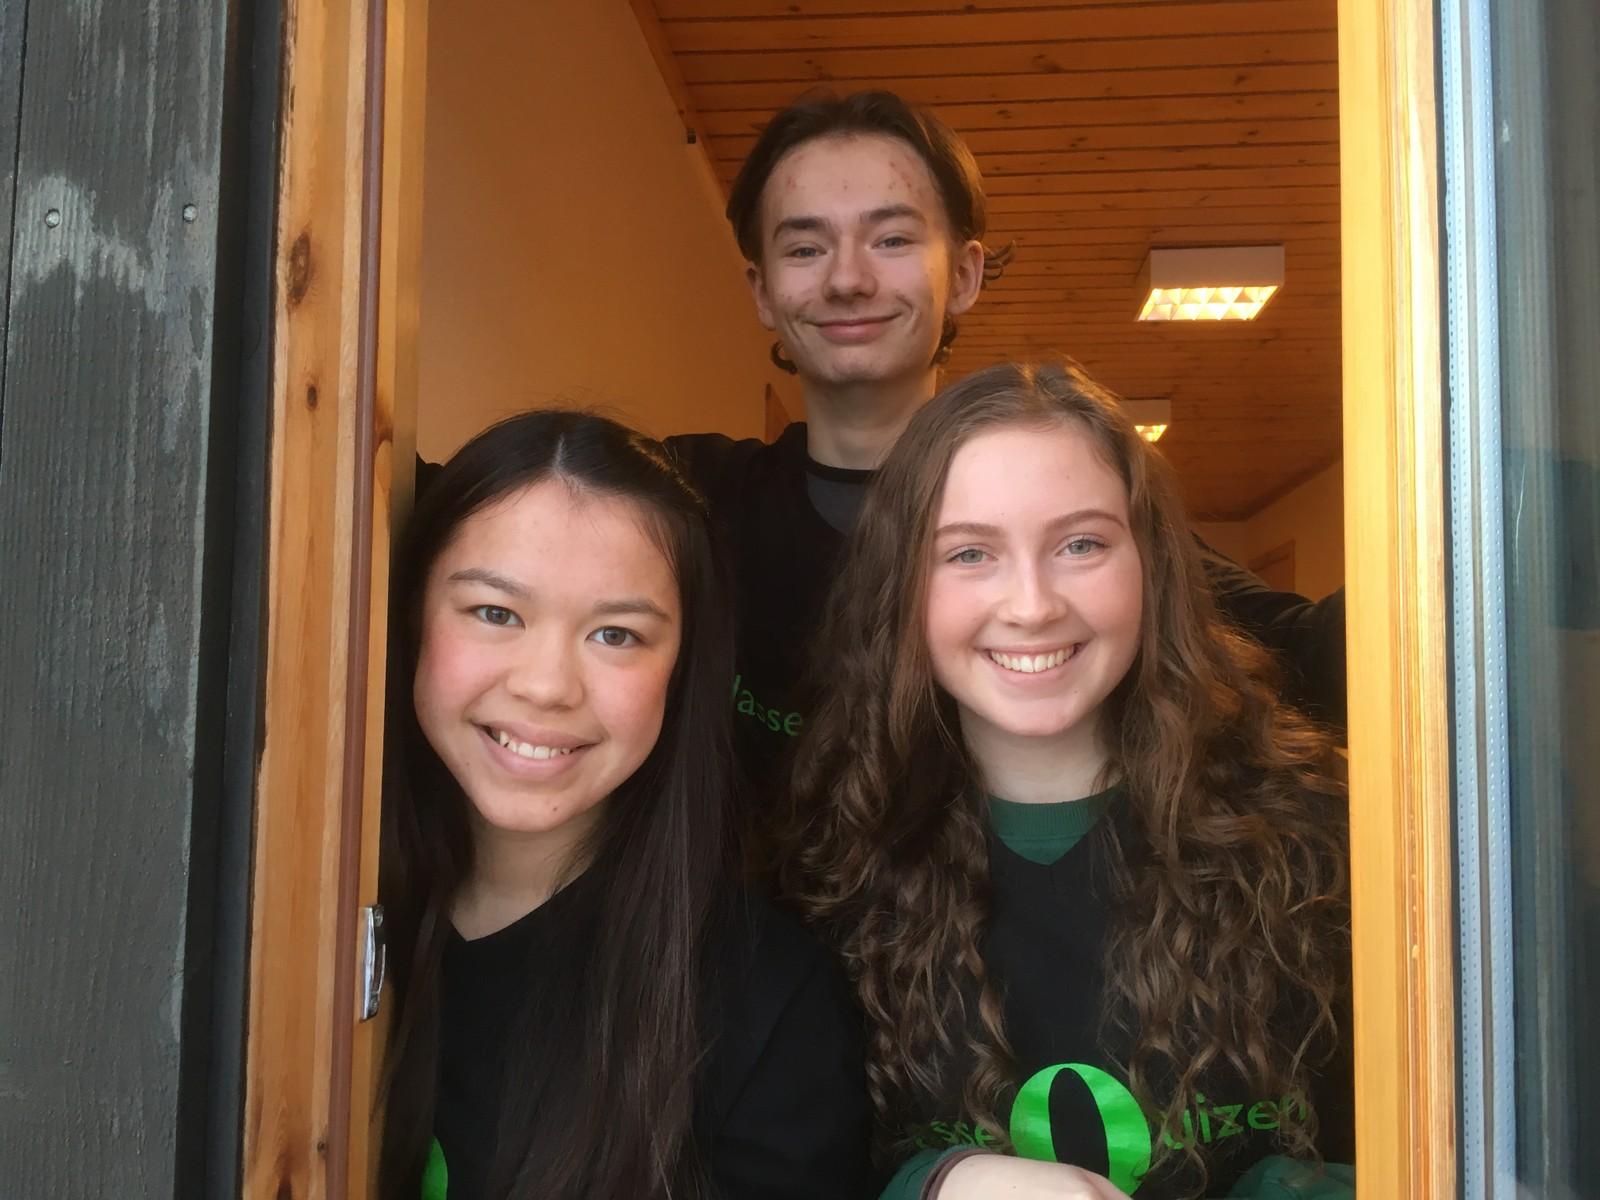 F.v. Tina Harildstad, Erlend Pedersen og Evine Stuen Evensen fra Romedal ungdomsskole klarte åtte rette.